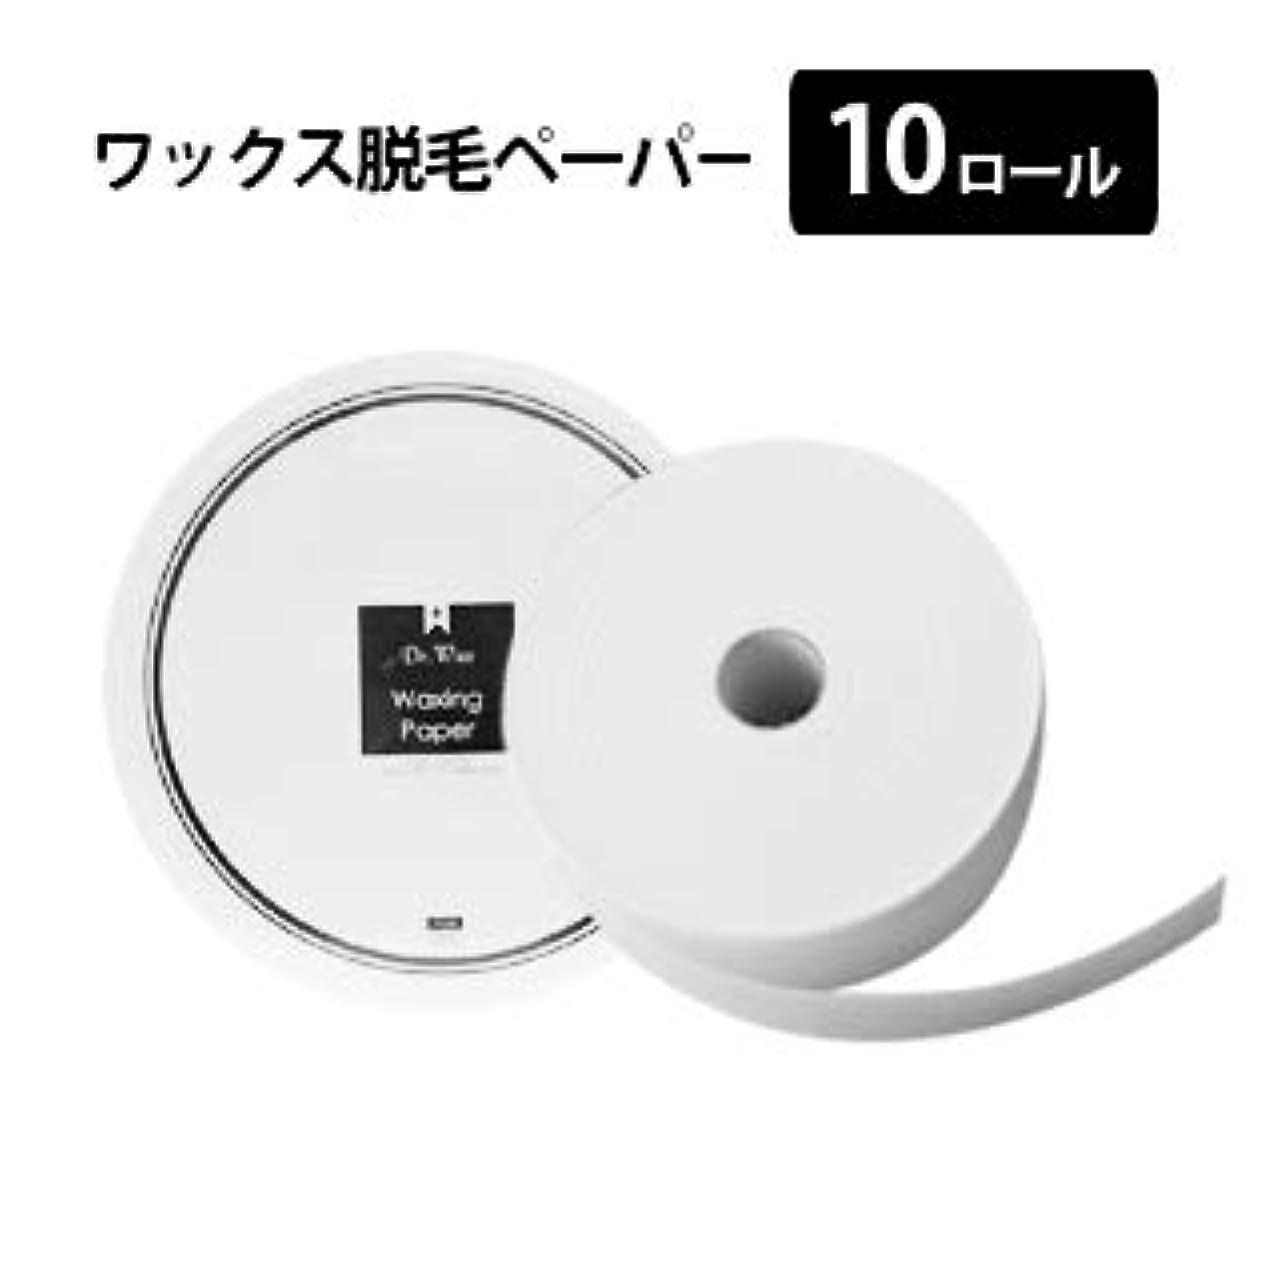 バウンド脚本家弓【10ロール】ワックスロールペーパー 7cm スパンレース素材